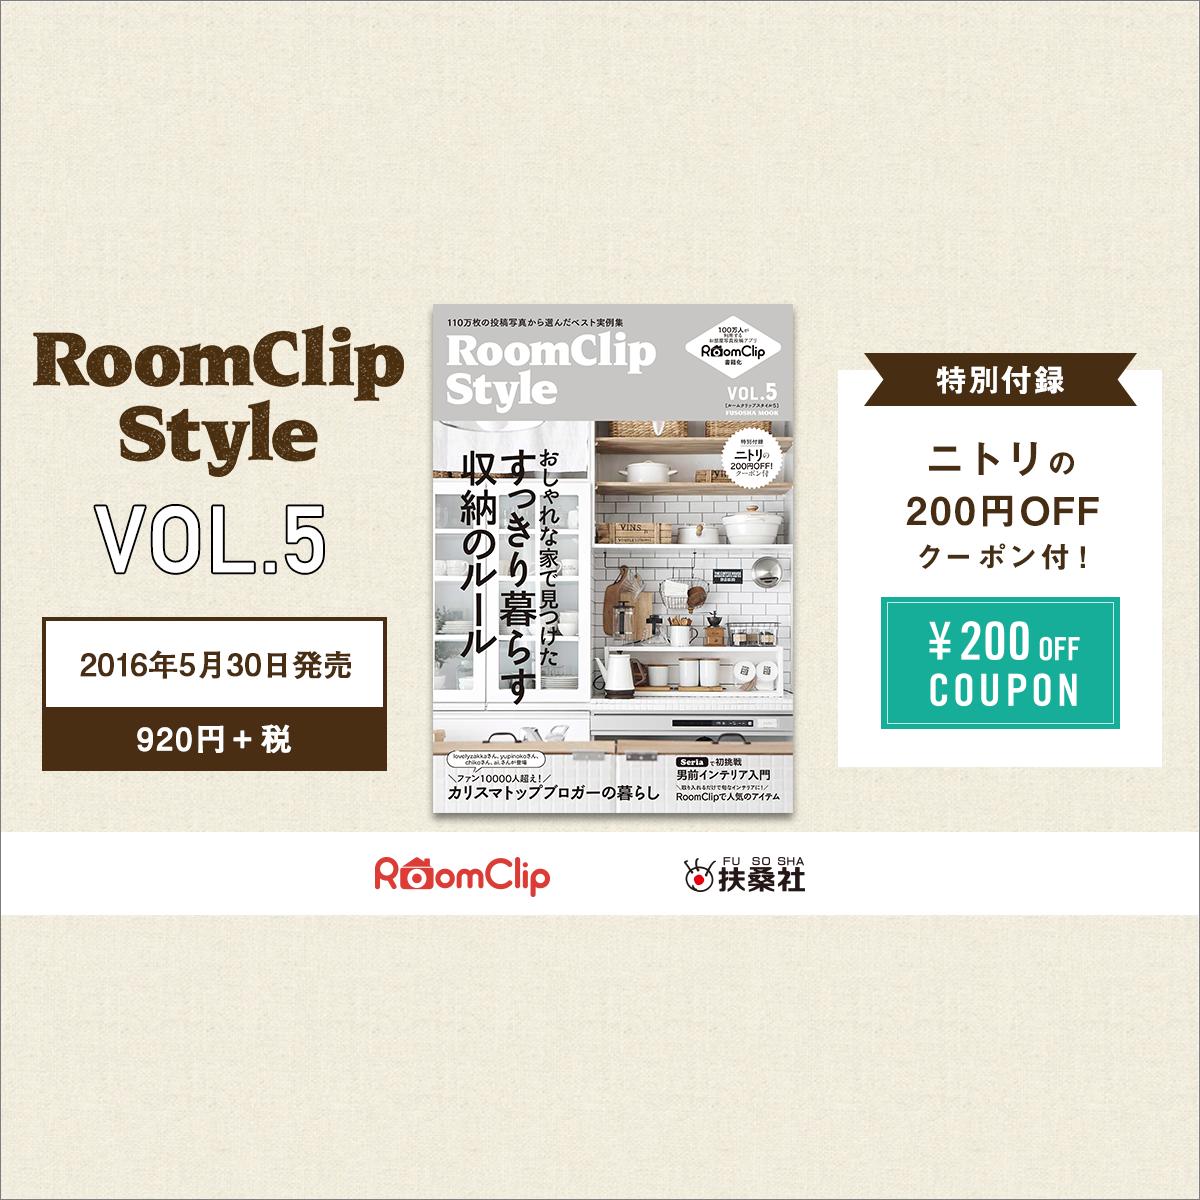 インテリアムック本「RoomClip Style vol.5」発売!